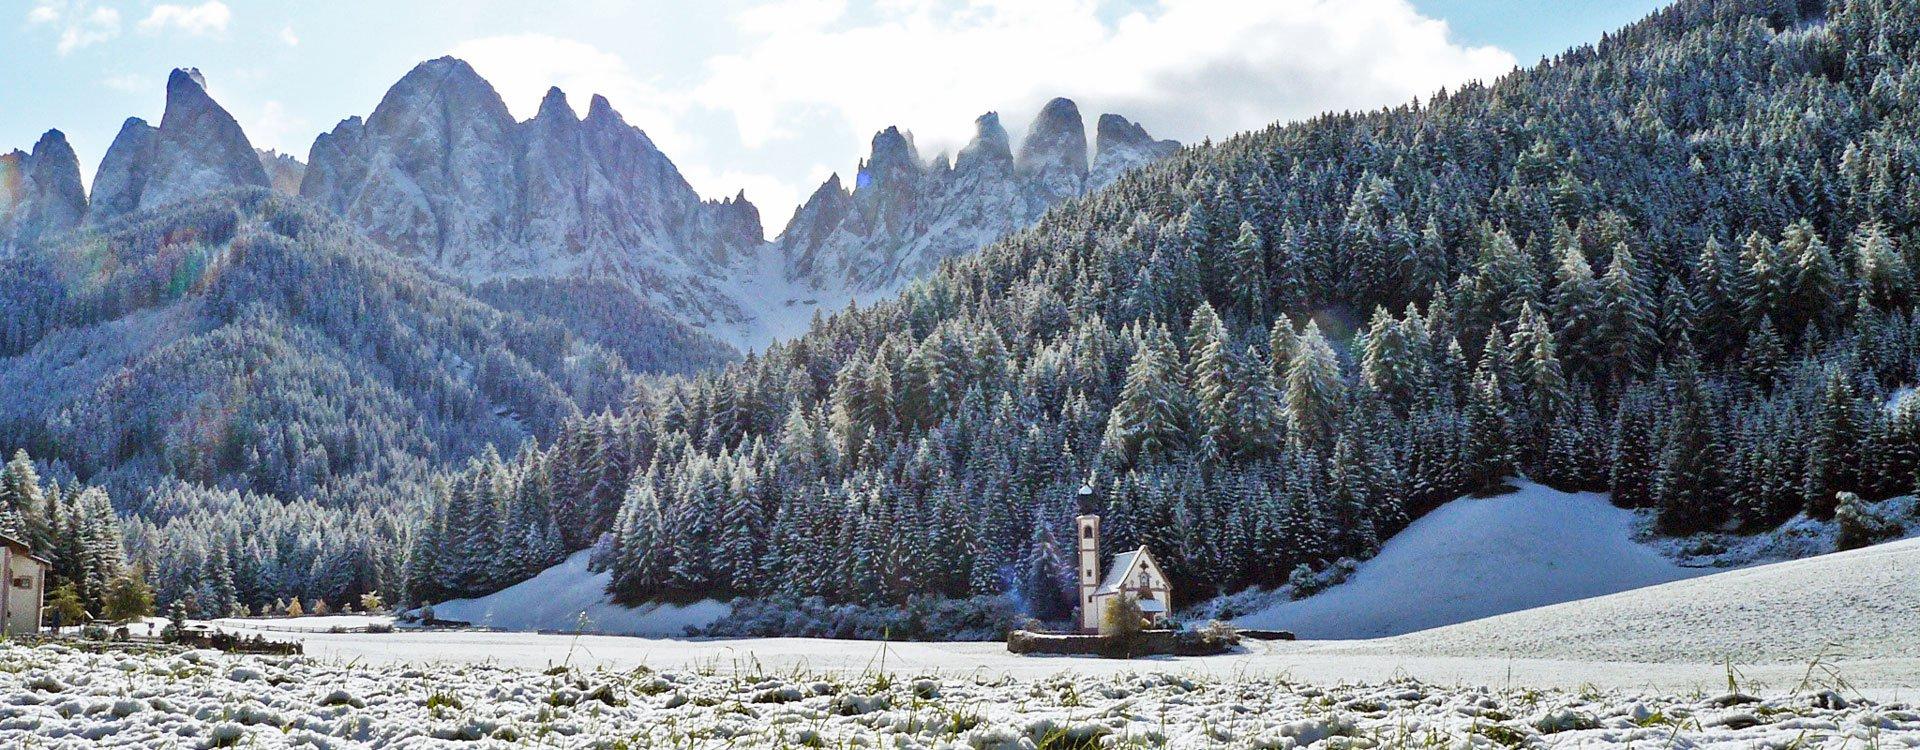 winterurlaub-dolomiten-1